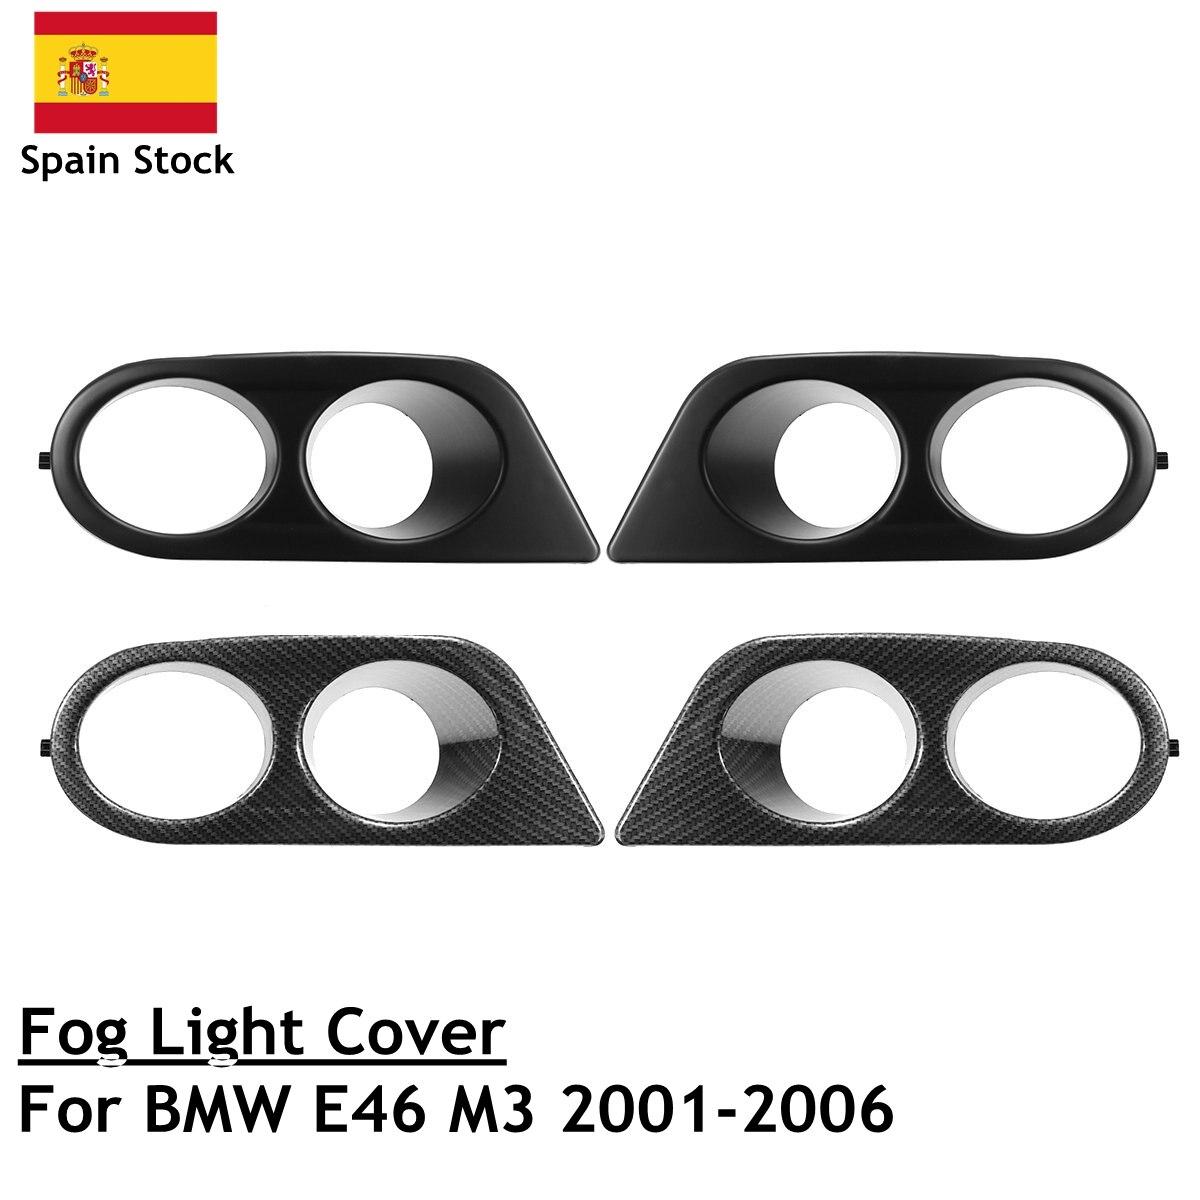 2 stücke Nebel Licht Abdeckung Umgibt Luftkanal Carbon Faser/Schwarz Für BMW E46 M3 2001-2006